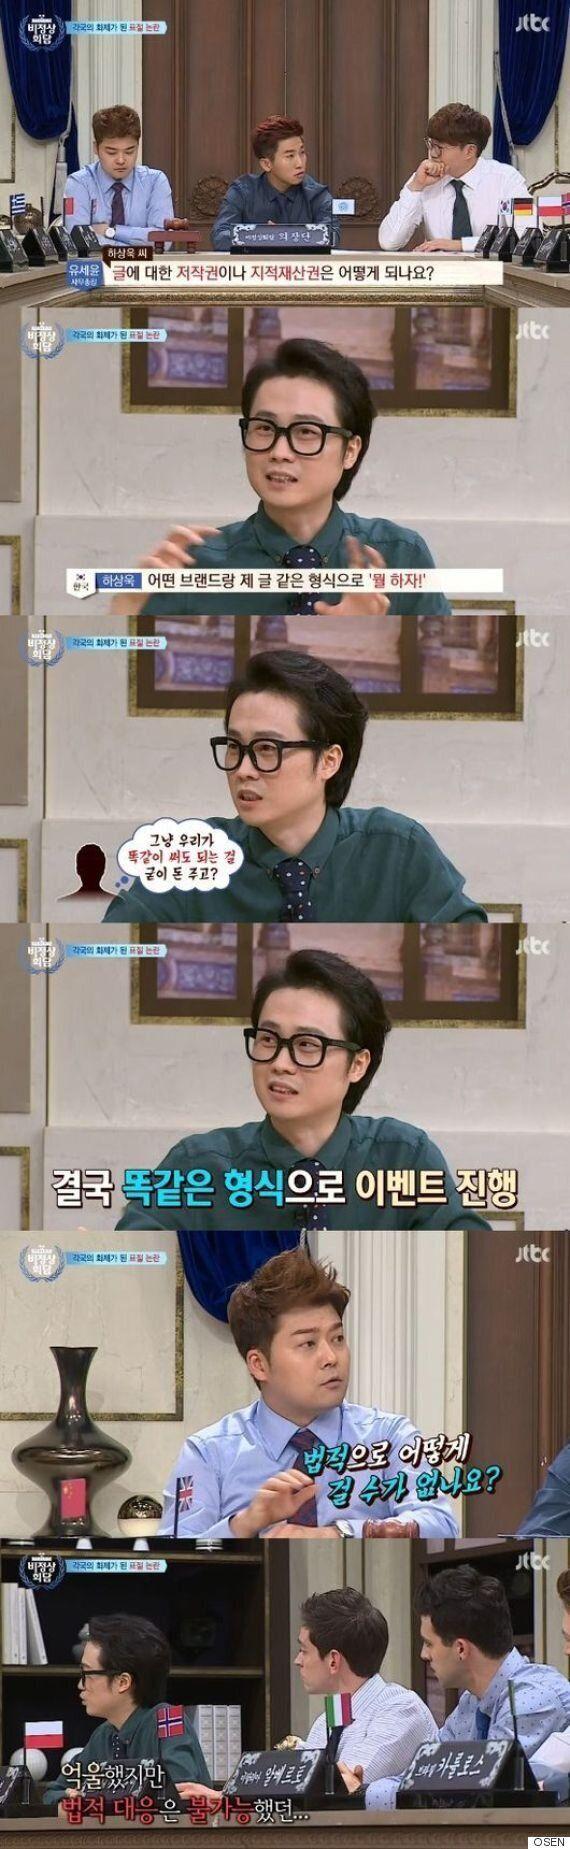 '비정상회담', 시청률 상승..시인 하상욱